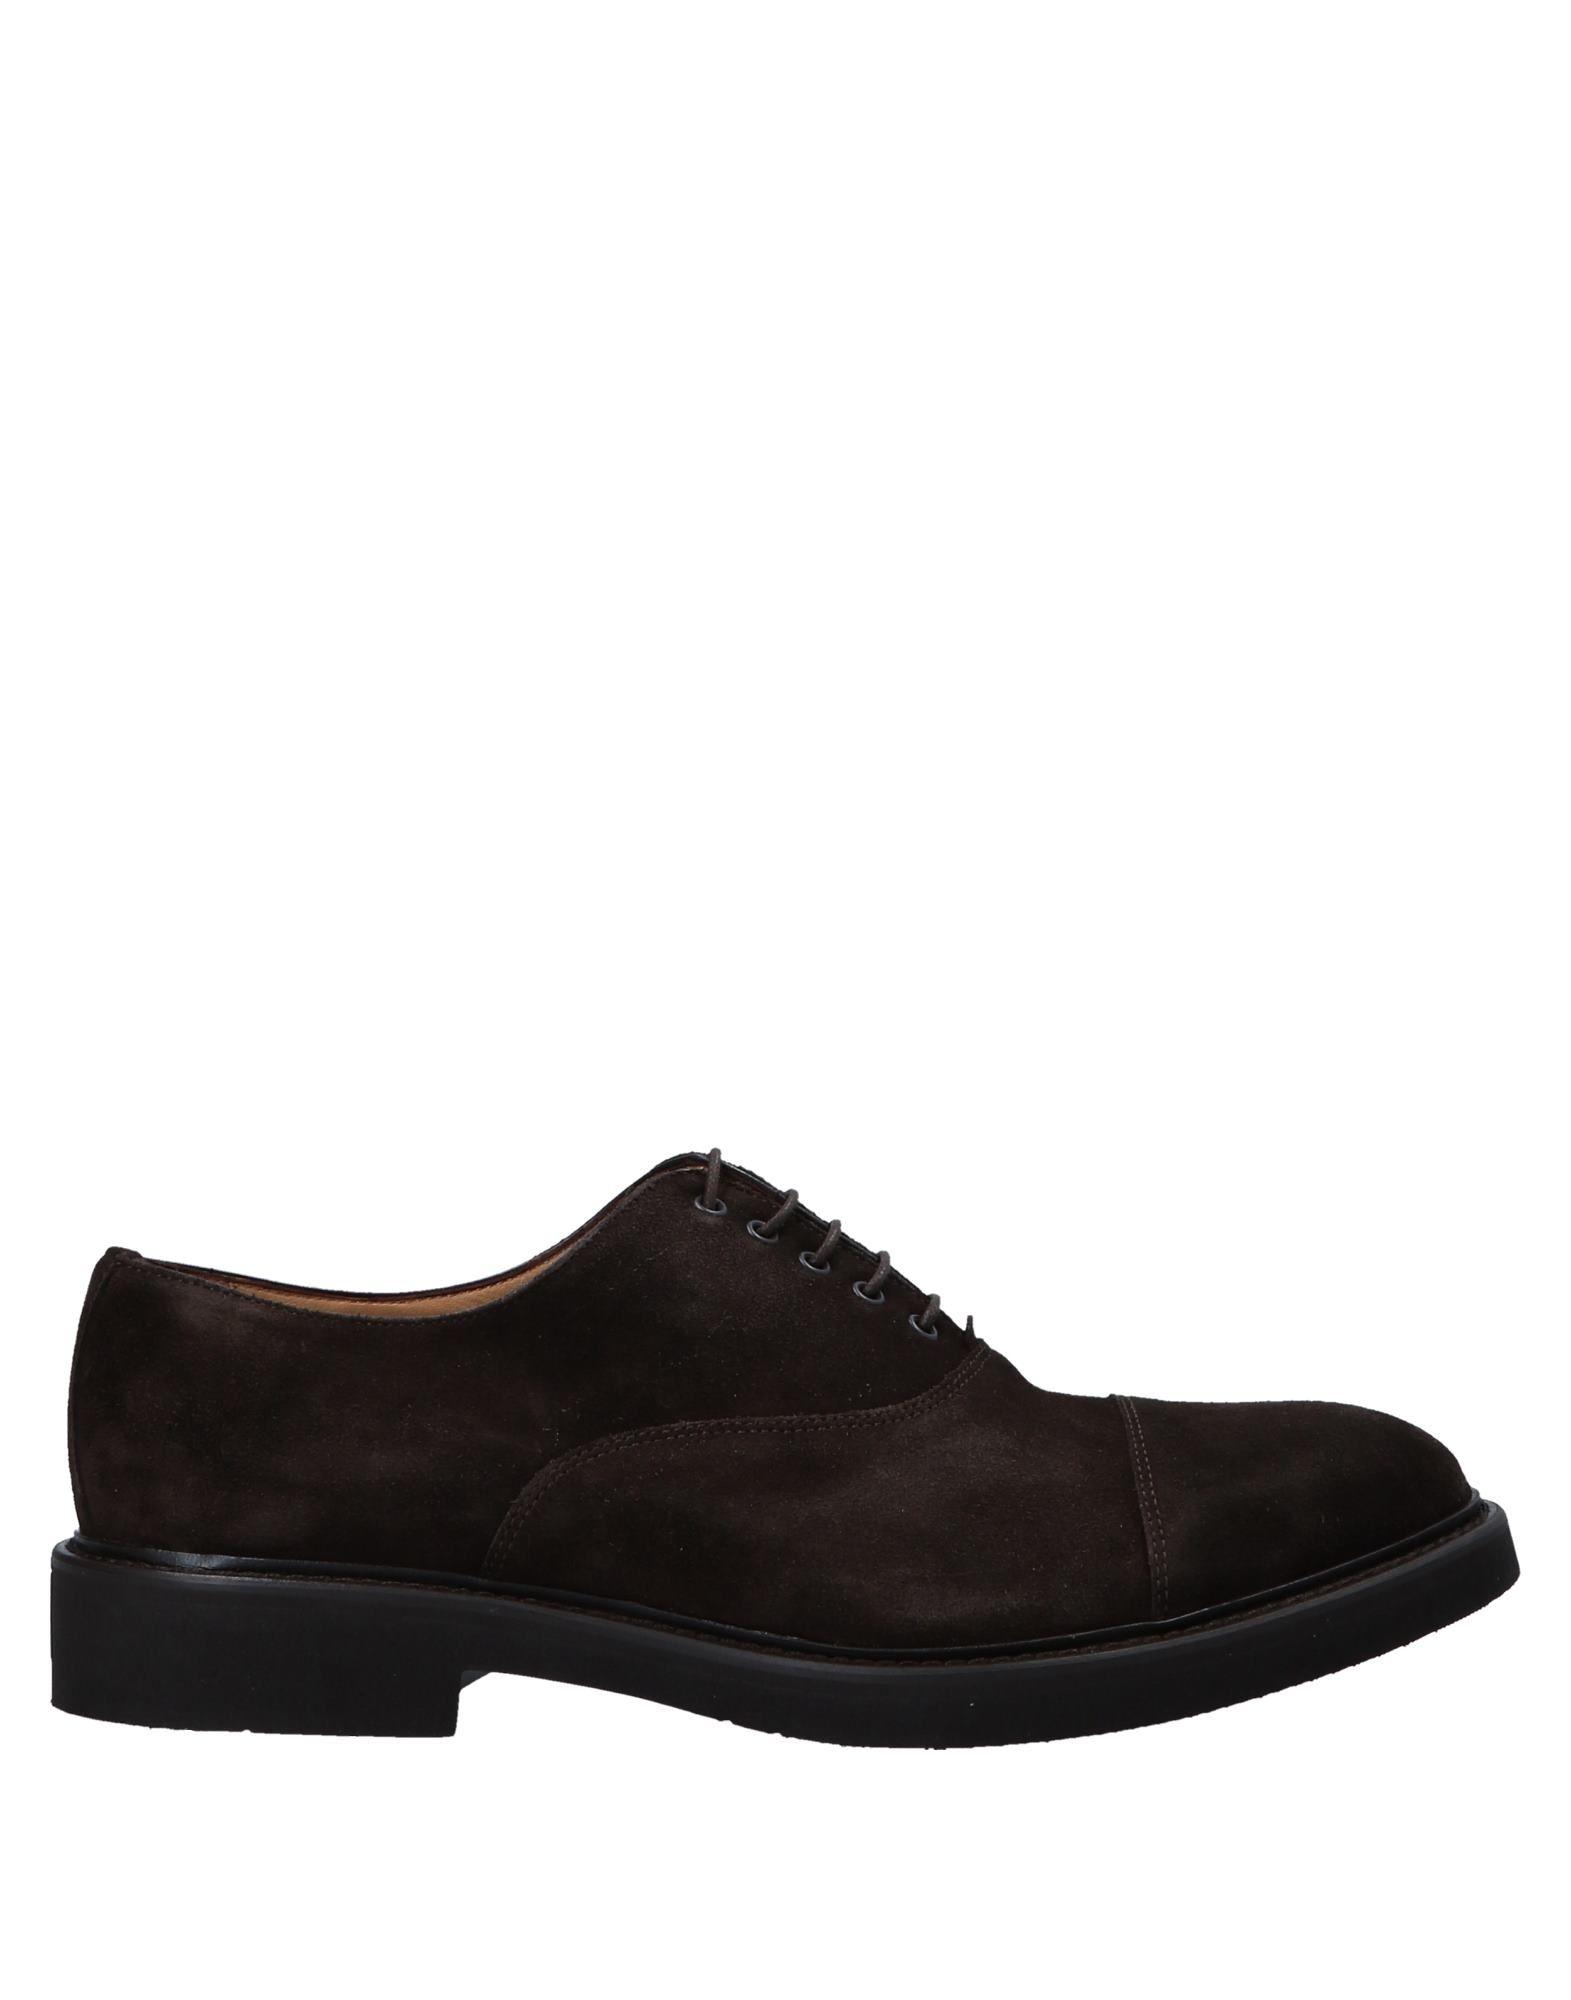 Rabatt echte Schuhe Baldinini Schnürschuhe Herren  11552430EH